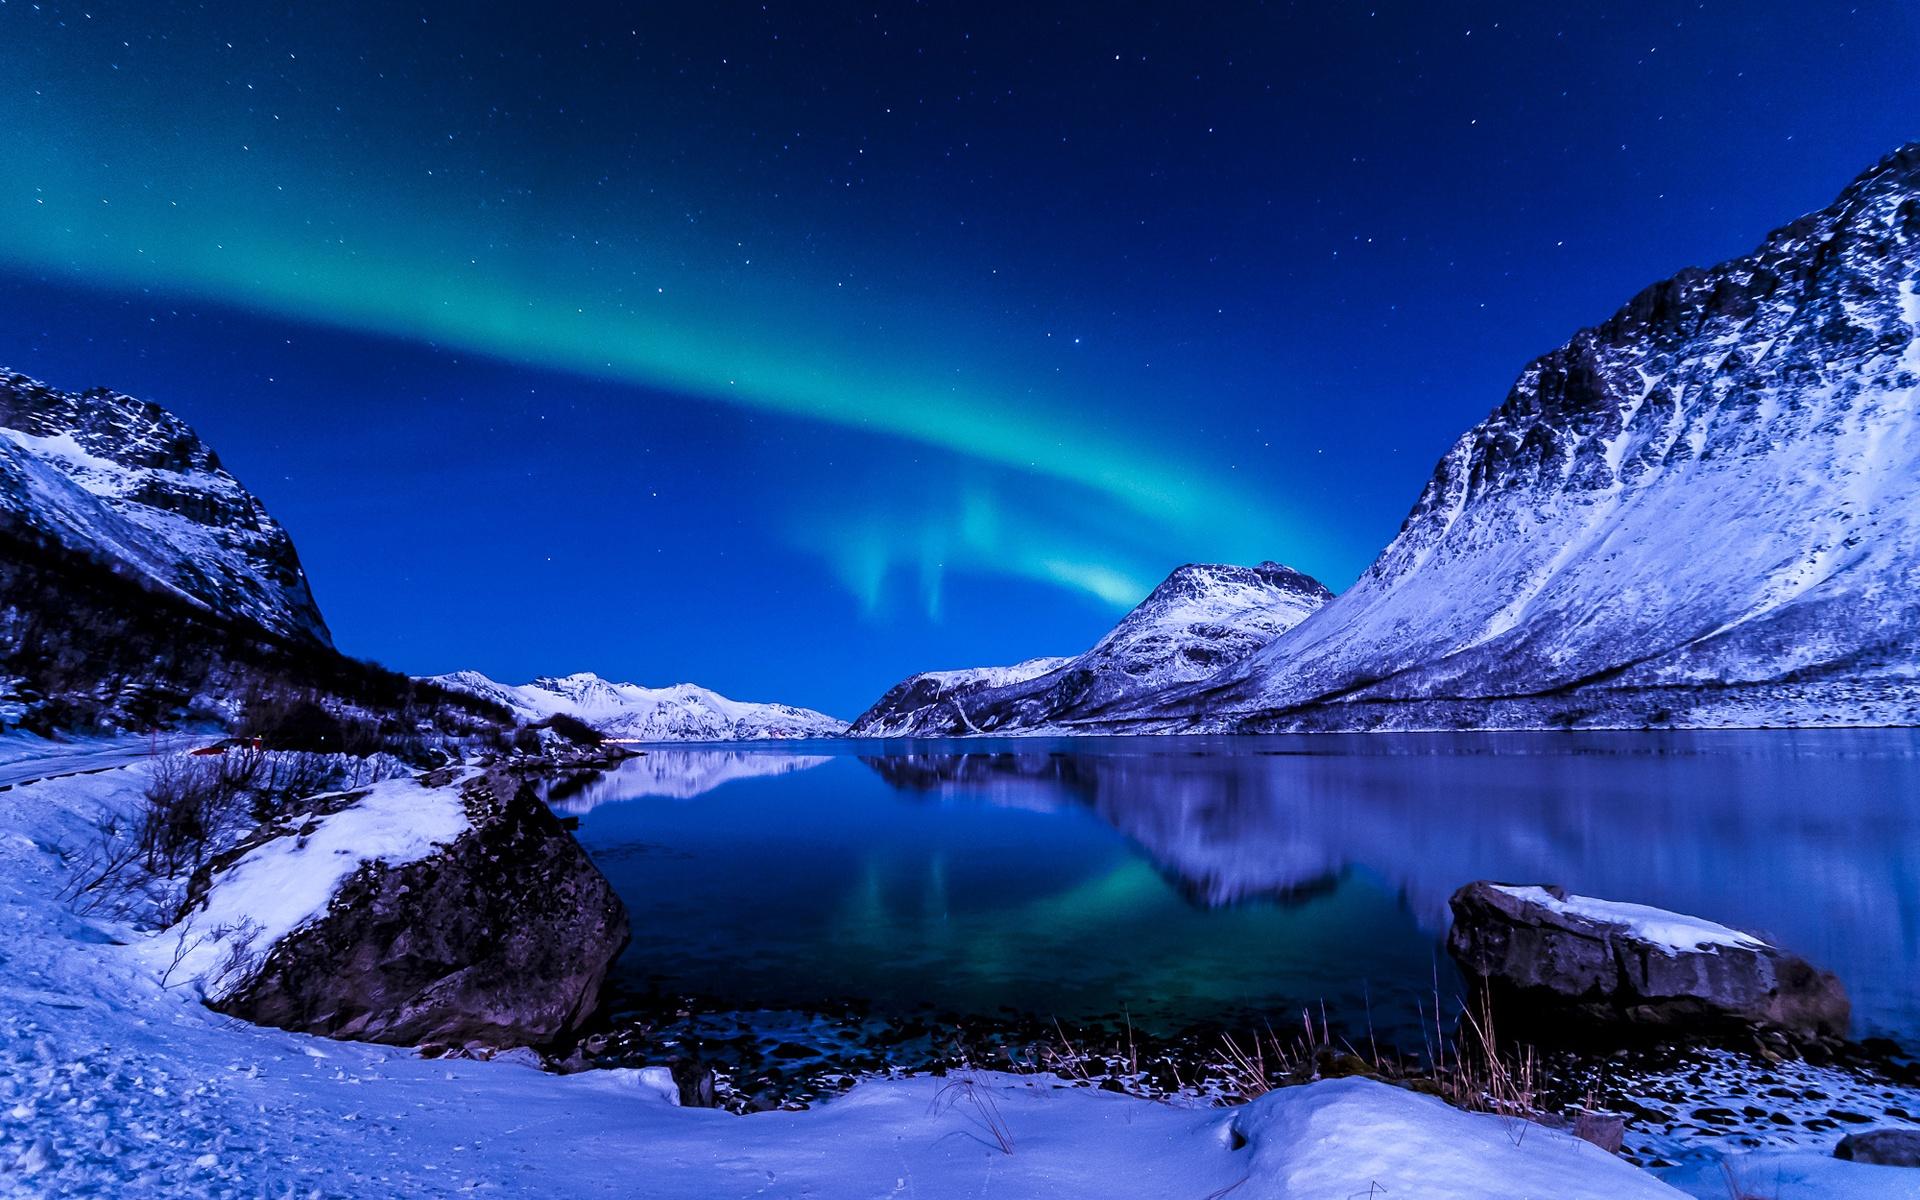 sch ner himmel nacht winter island nordlichter 1920x1200 hd hintergrundbilder hd bild. Black Bedroom Furniture Sets. Home Design Ideas